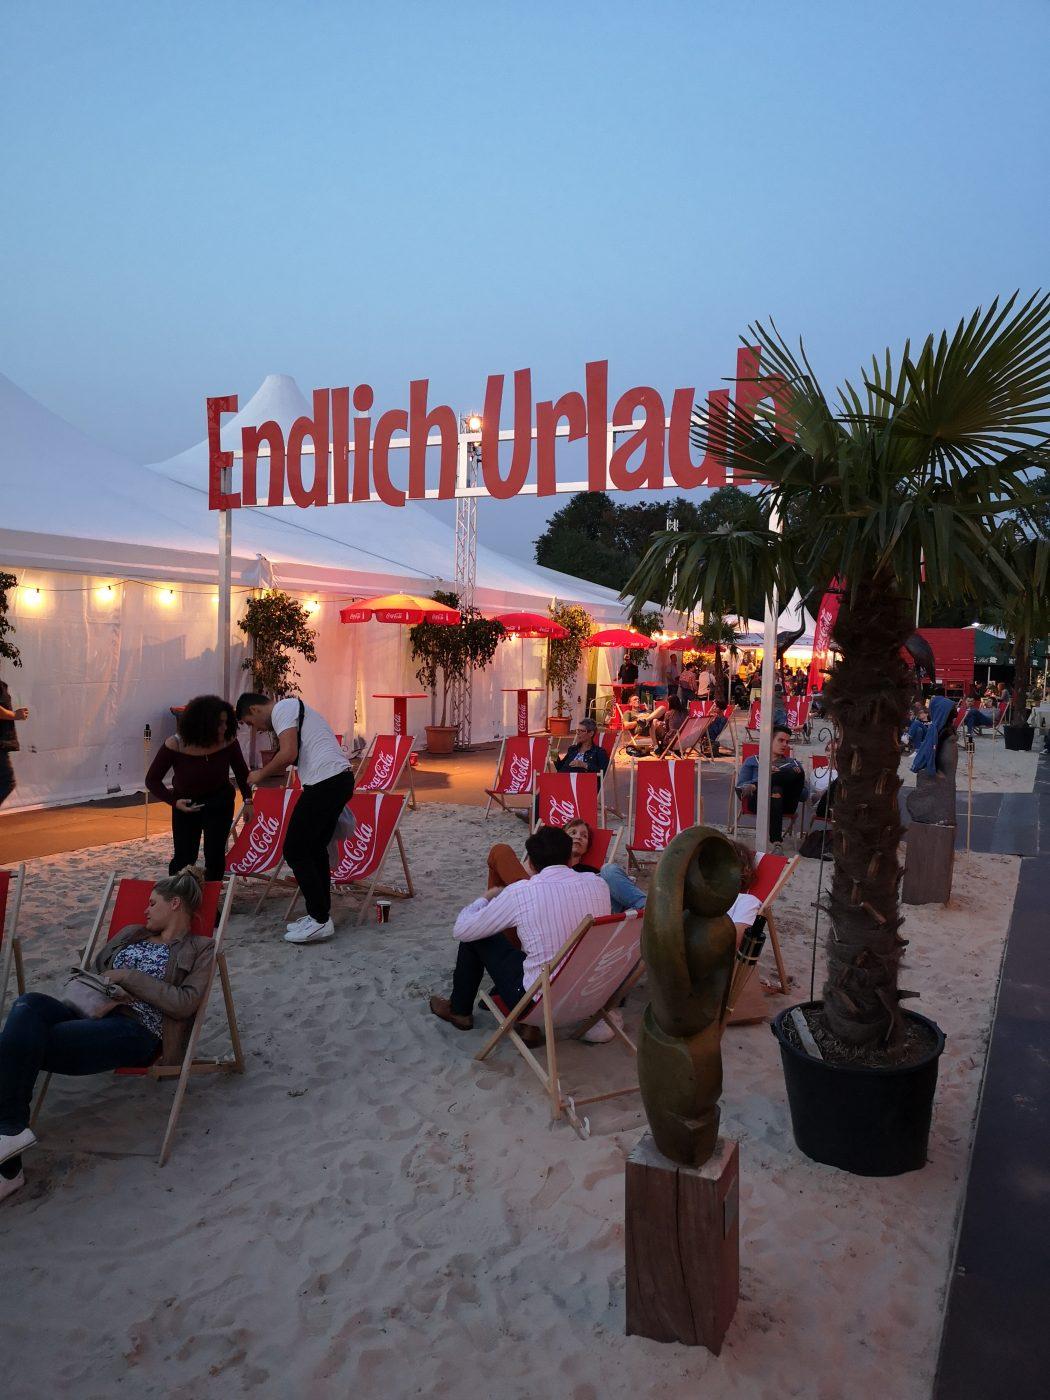 Das Bild zeigt eine Strand-Ecke auf dem Zeltfestival Ruhr